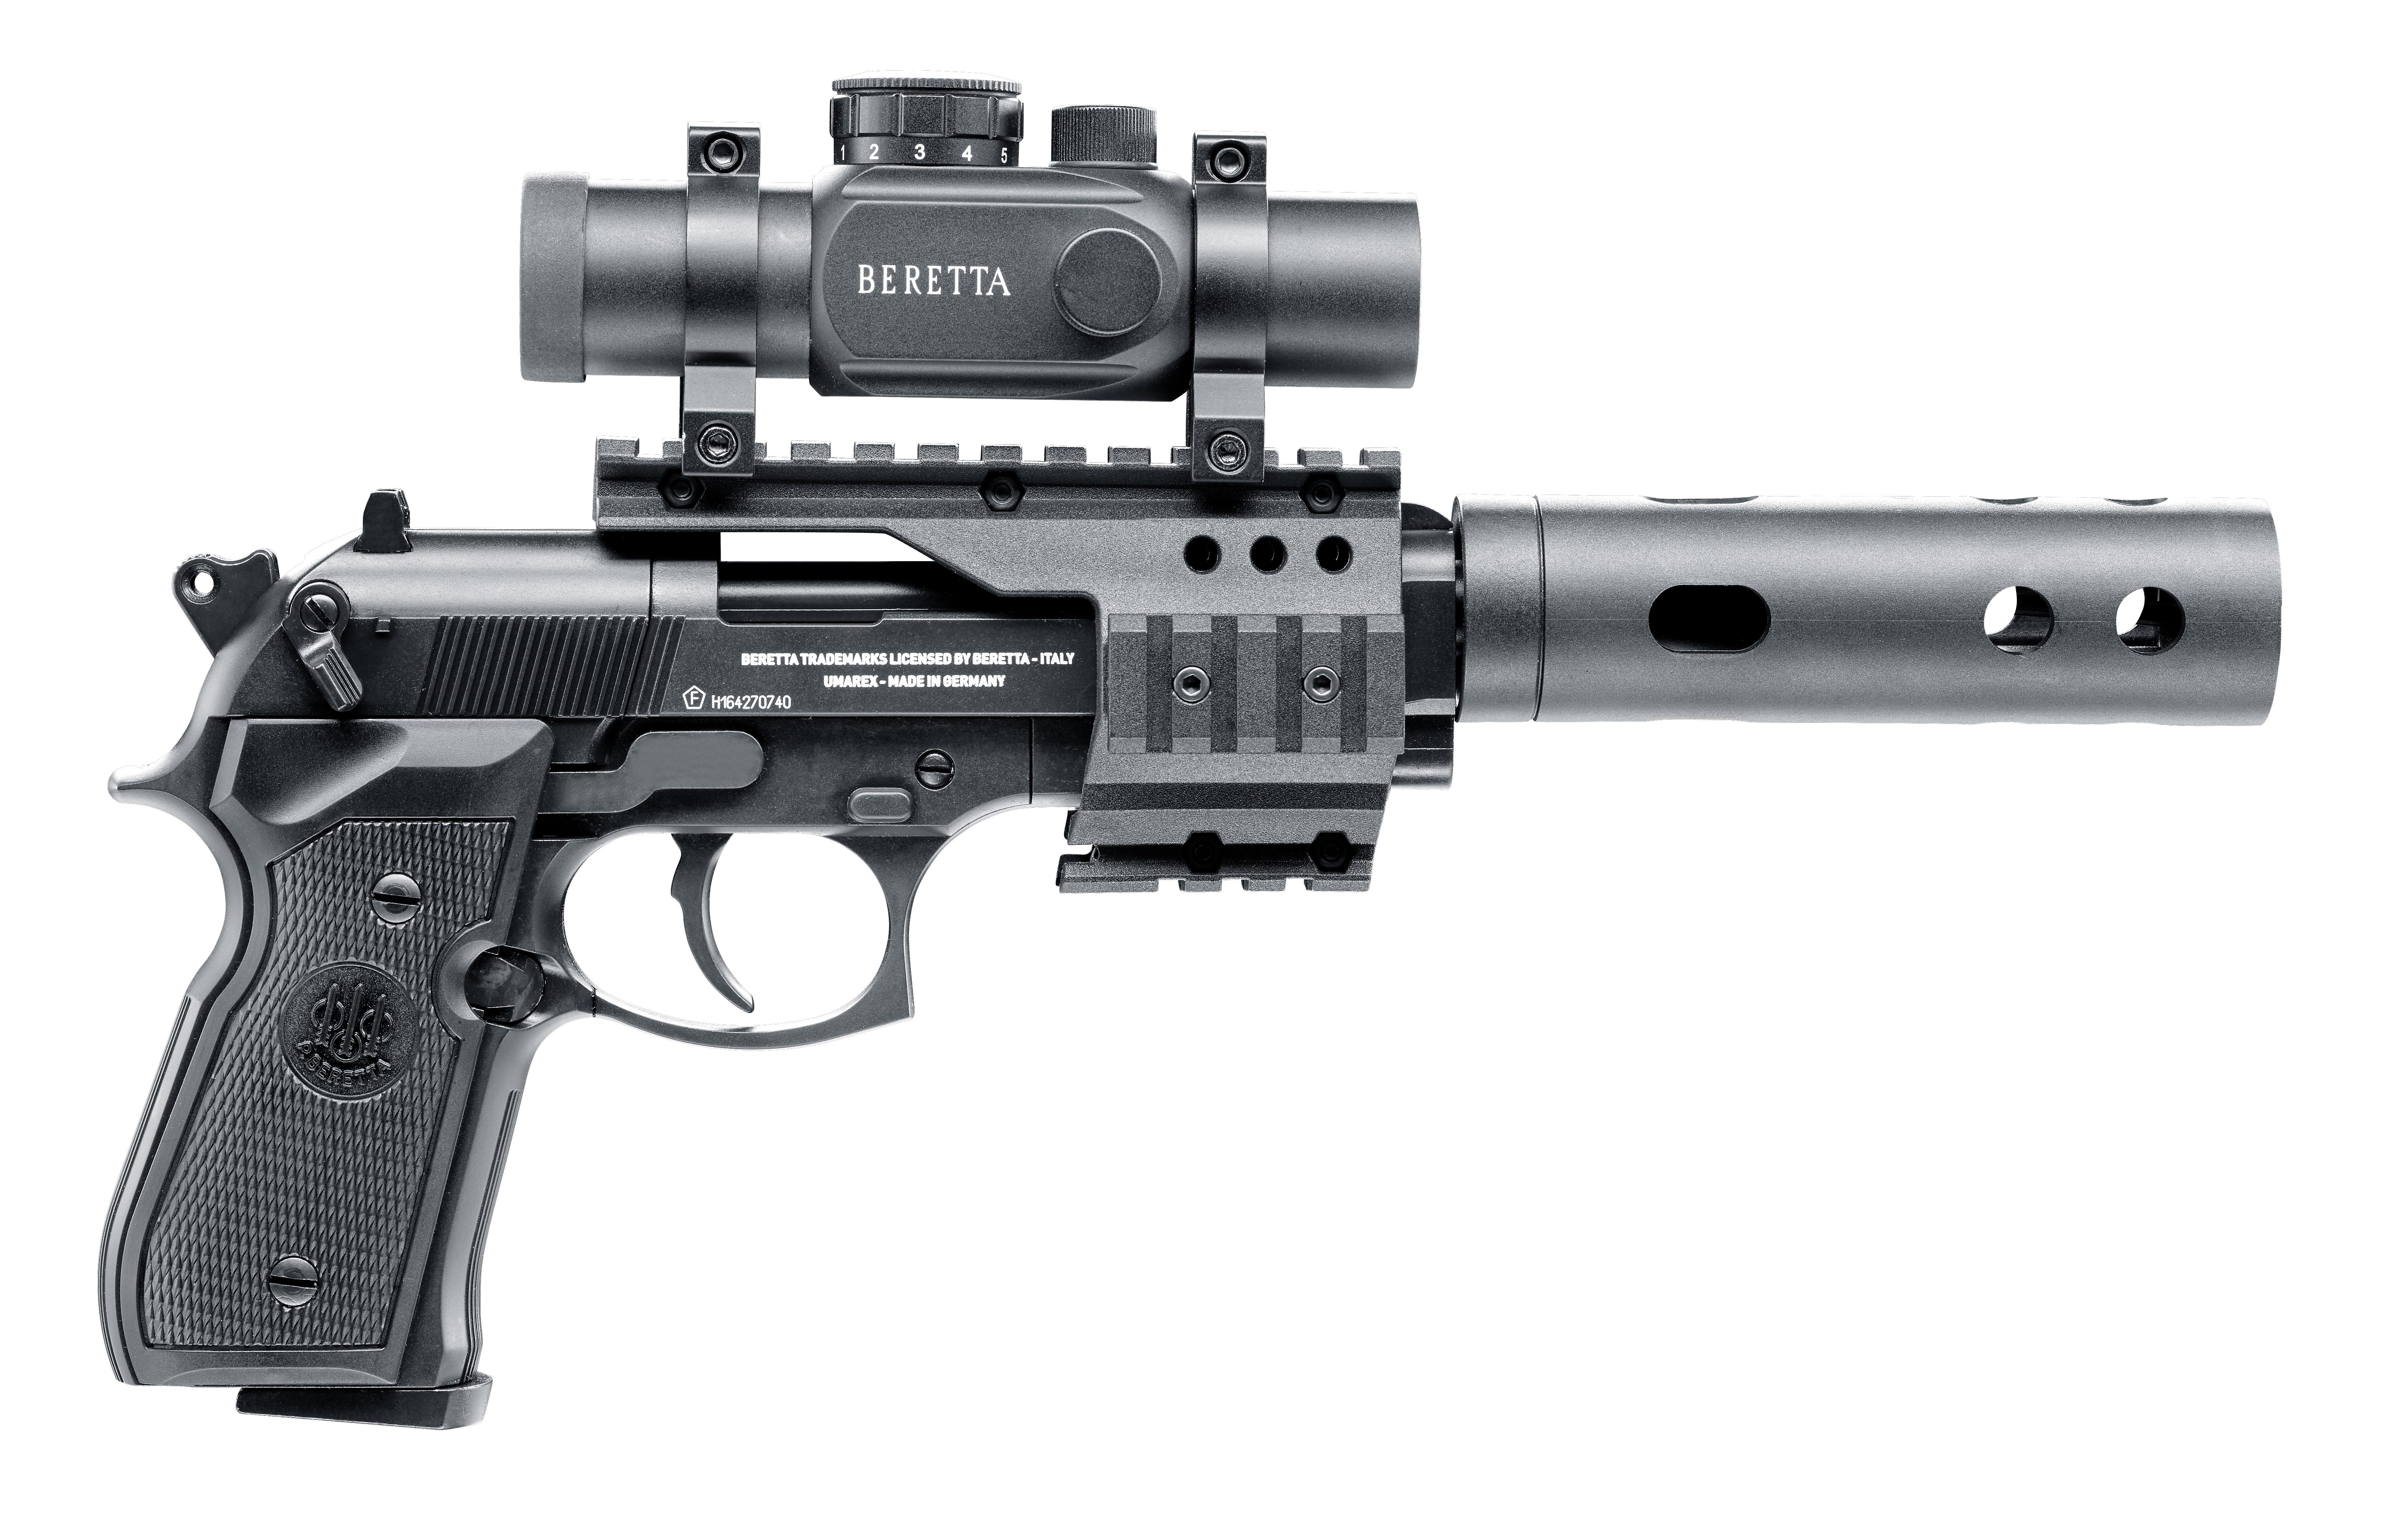 BERETTA (Umarex R) CO2 Airgun Replica MOD. 92 FS XX-TREME